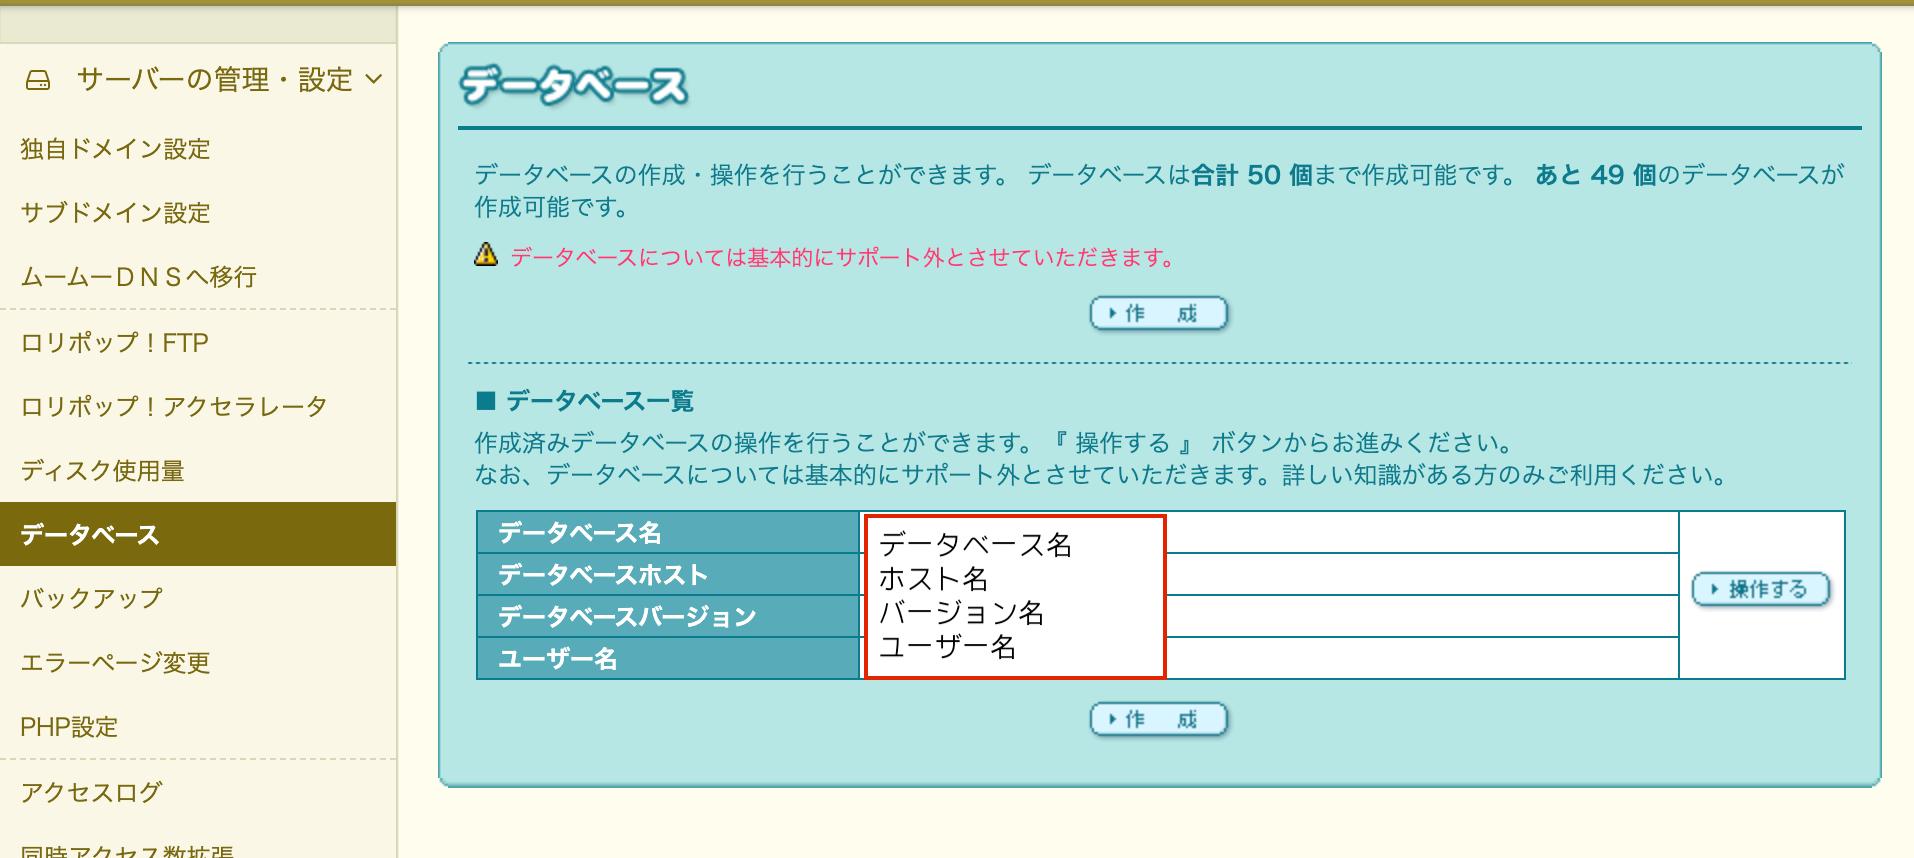 データベース設定.png